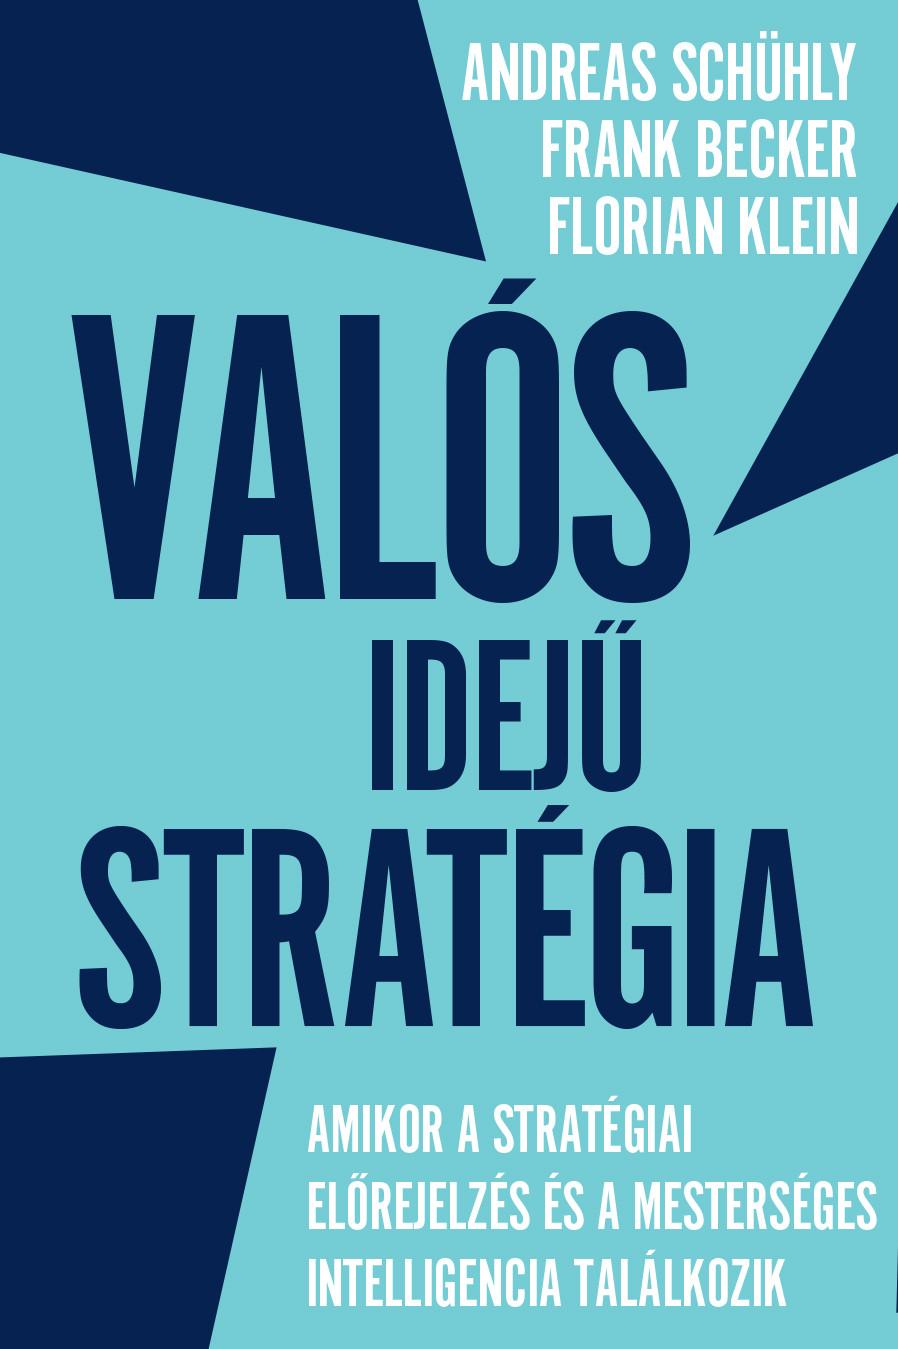 Megjelent a Pallas Athéné Kiadó legújabb kiadványa, a Valós idejű stratégia